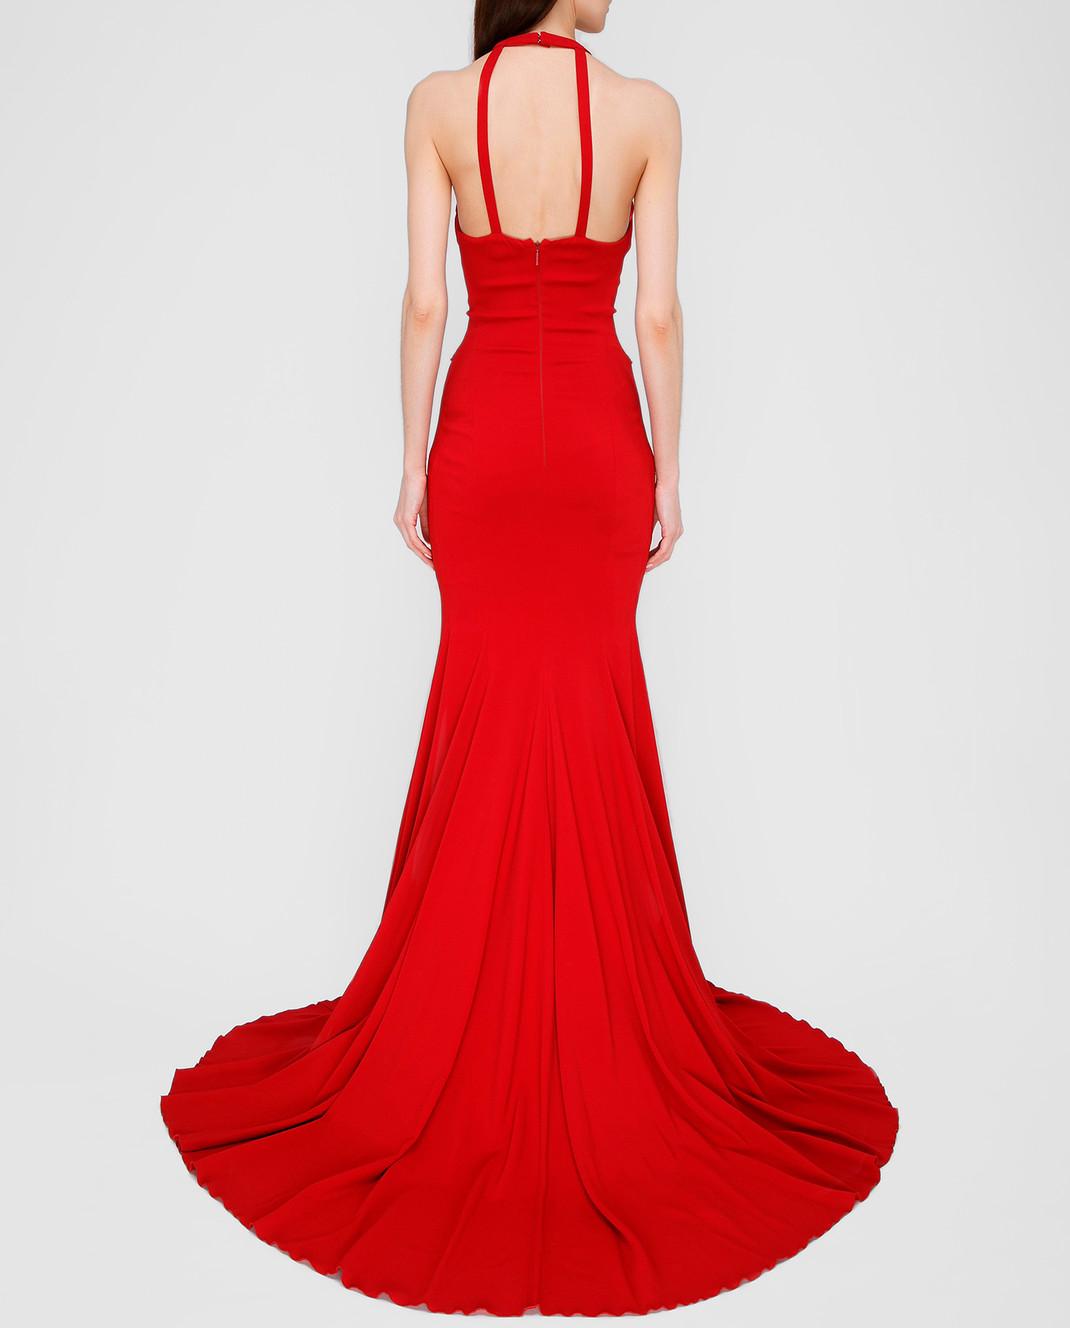 Roberto Cavalli Красное платье со шлейфом XPR184 изображение 4